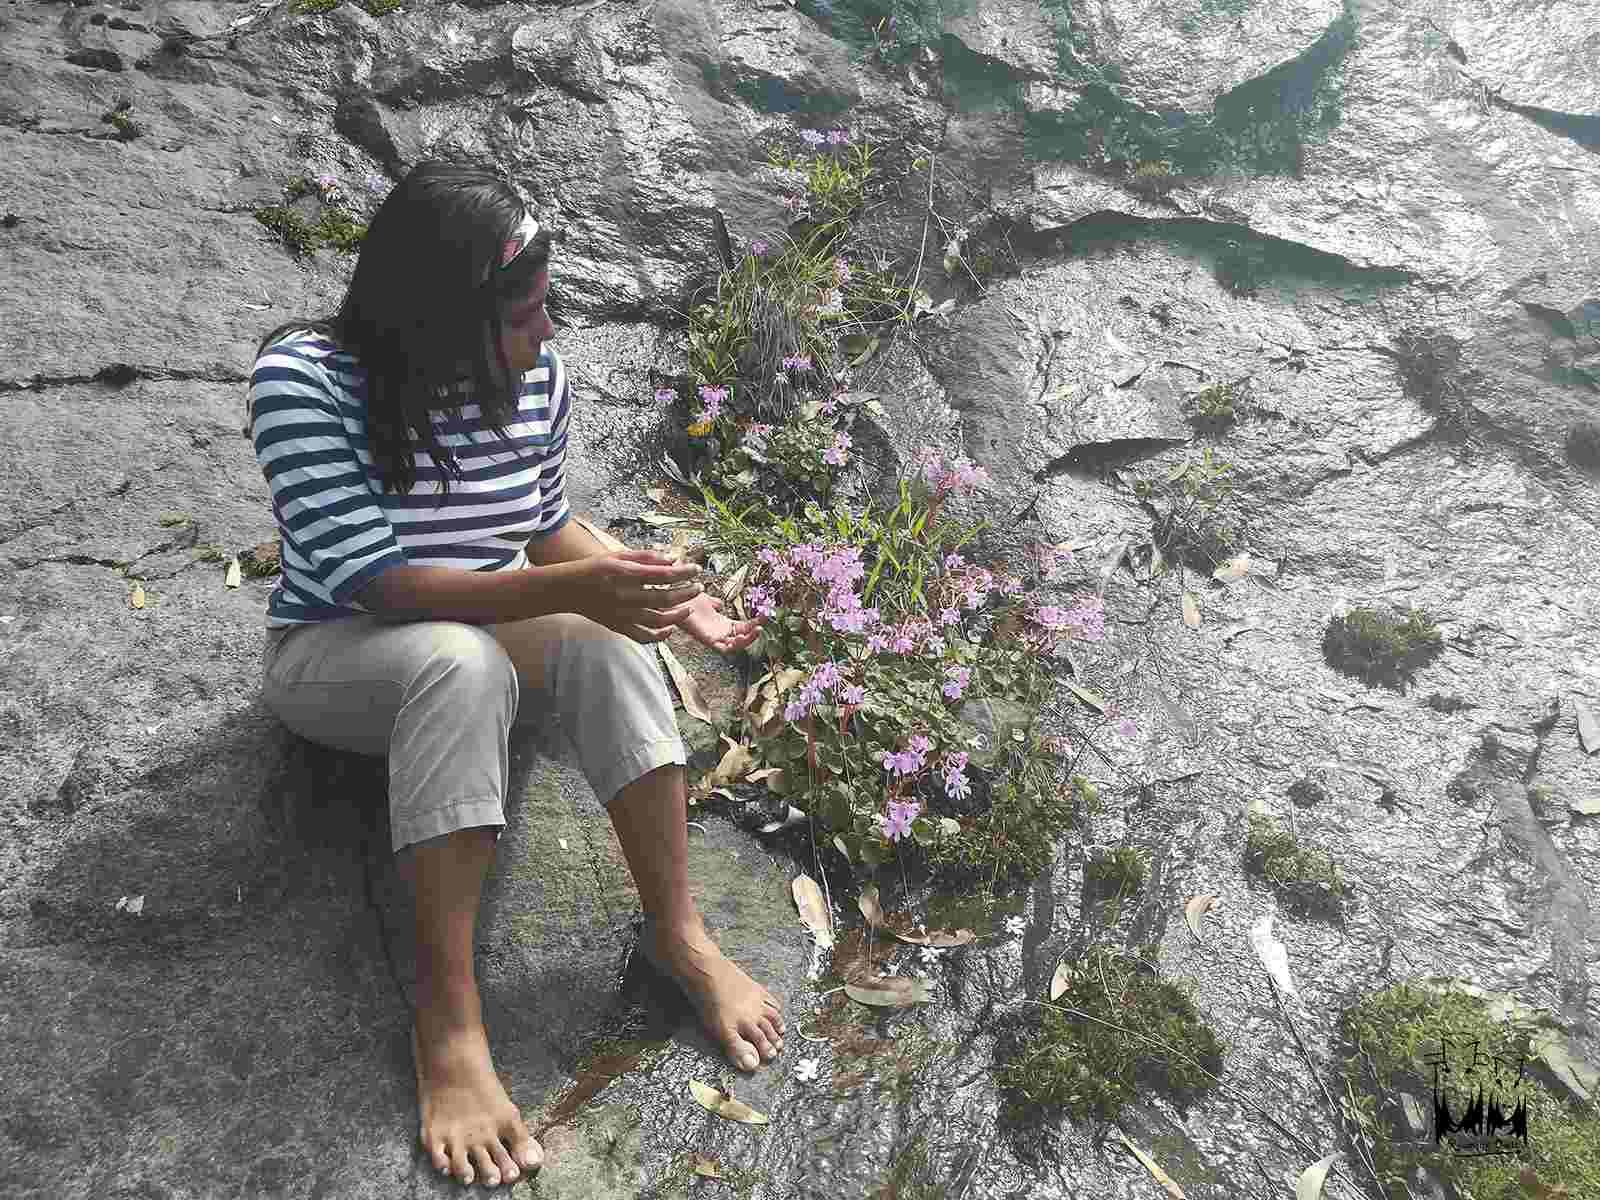 இரவிக்குளம் பூங்காவில் குறிஞ்சி மலர்கள்…